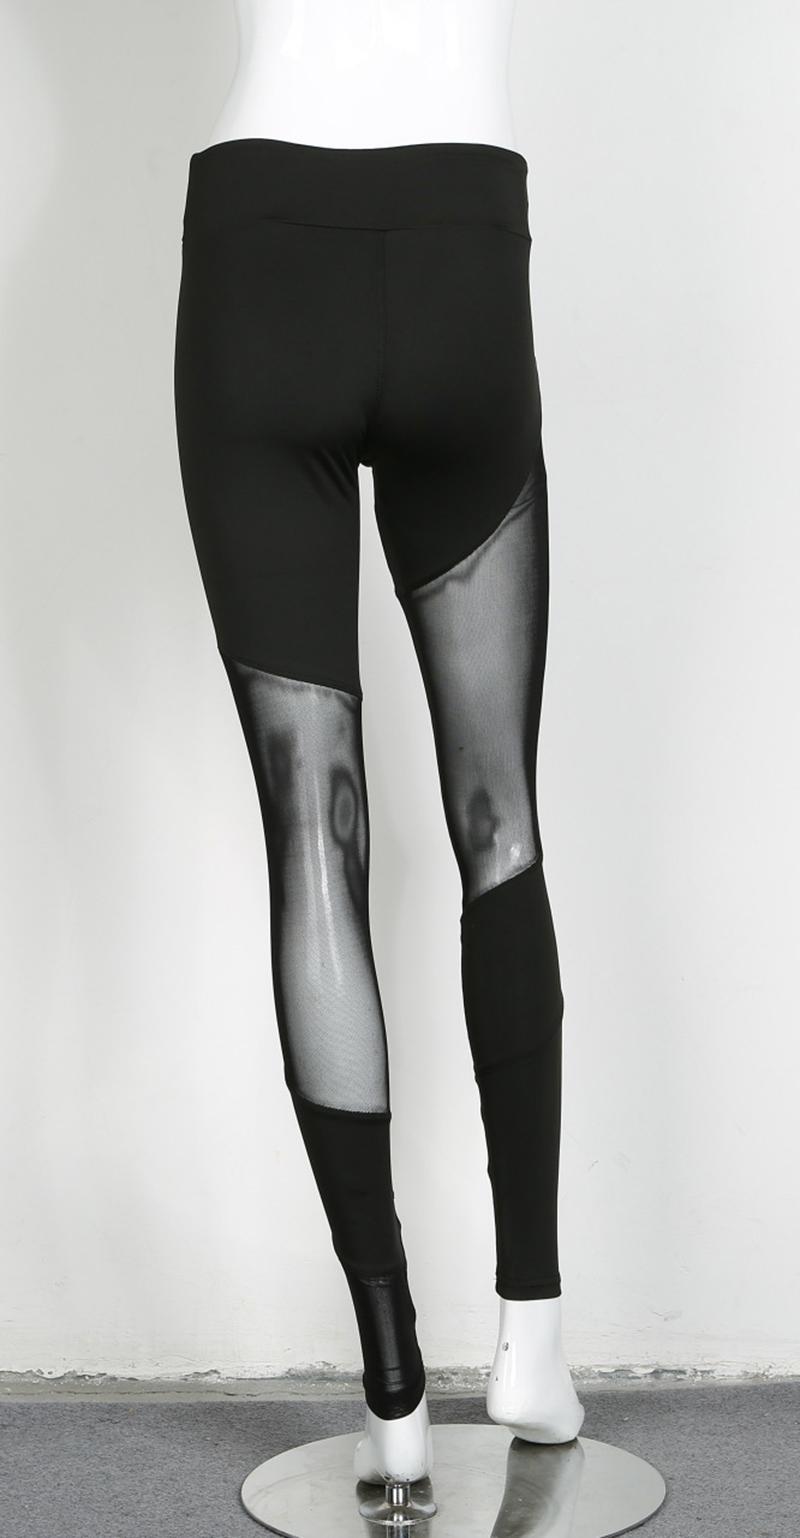 Leggings noir sexy, pantalon de yoga moulant patchwork à mailles, collant de sport tendance, gym, fitness, pilâtes, running, sur un mannequin, vue de dos